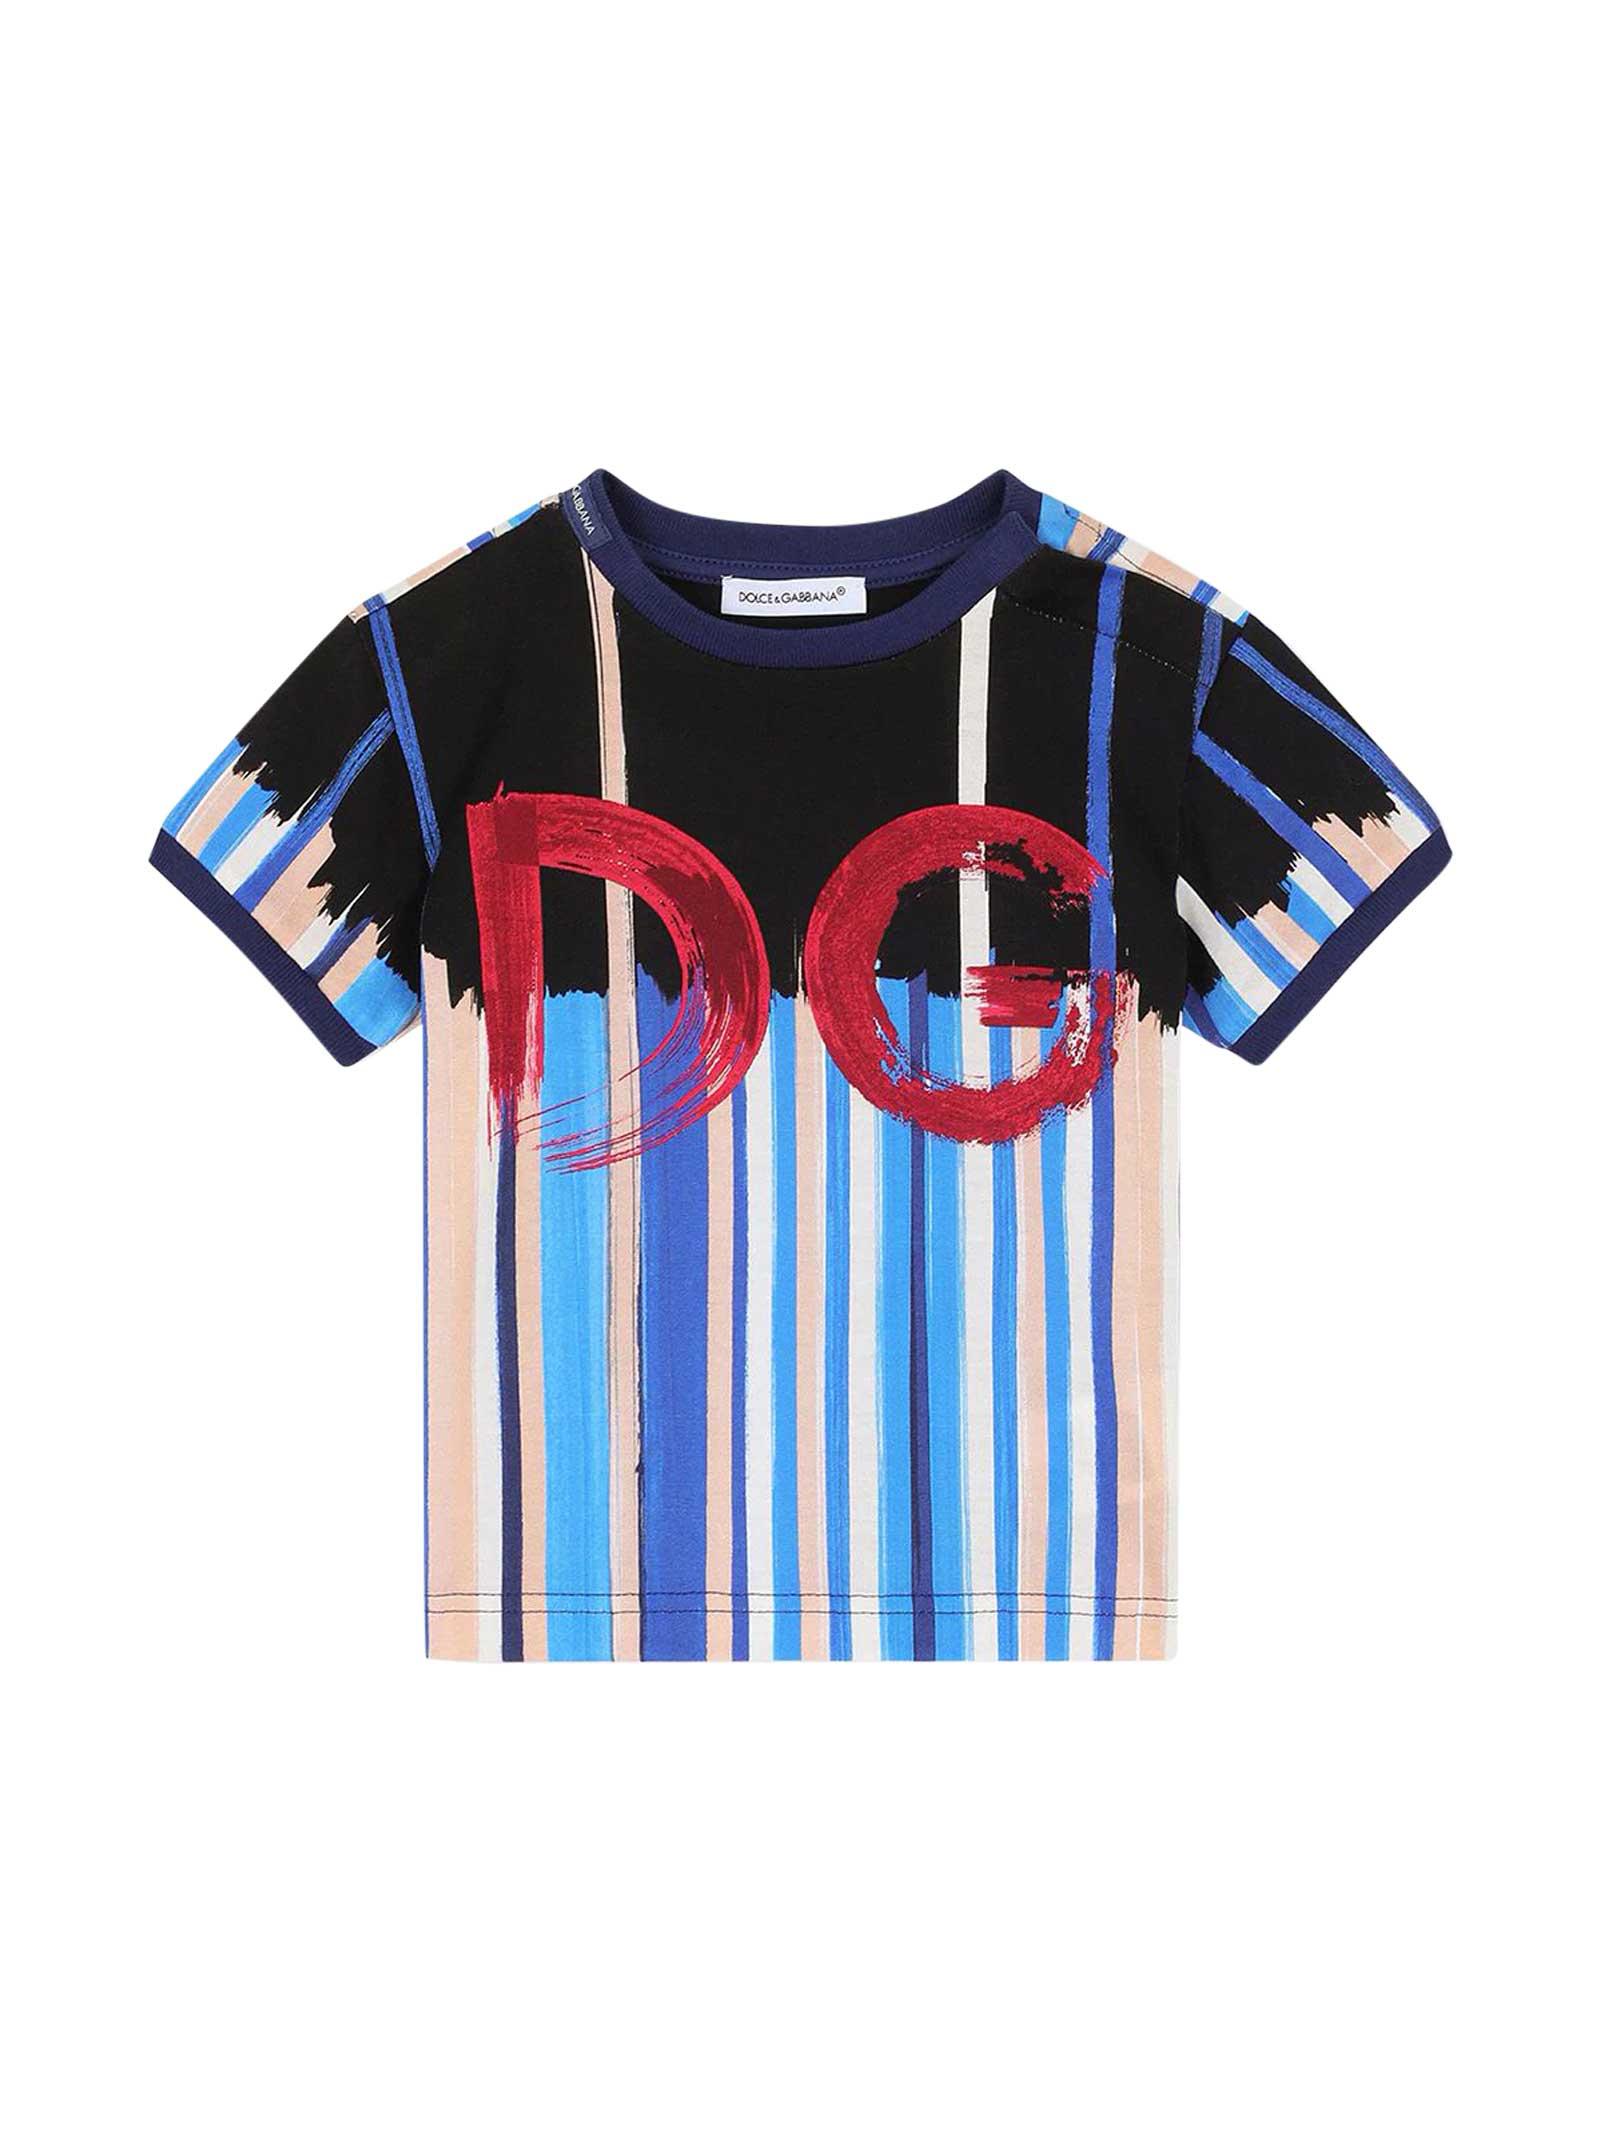 Dolce & Gabbana Cottons STRIPED T-SHIRT